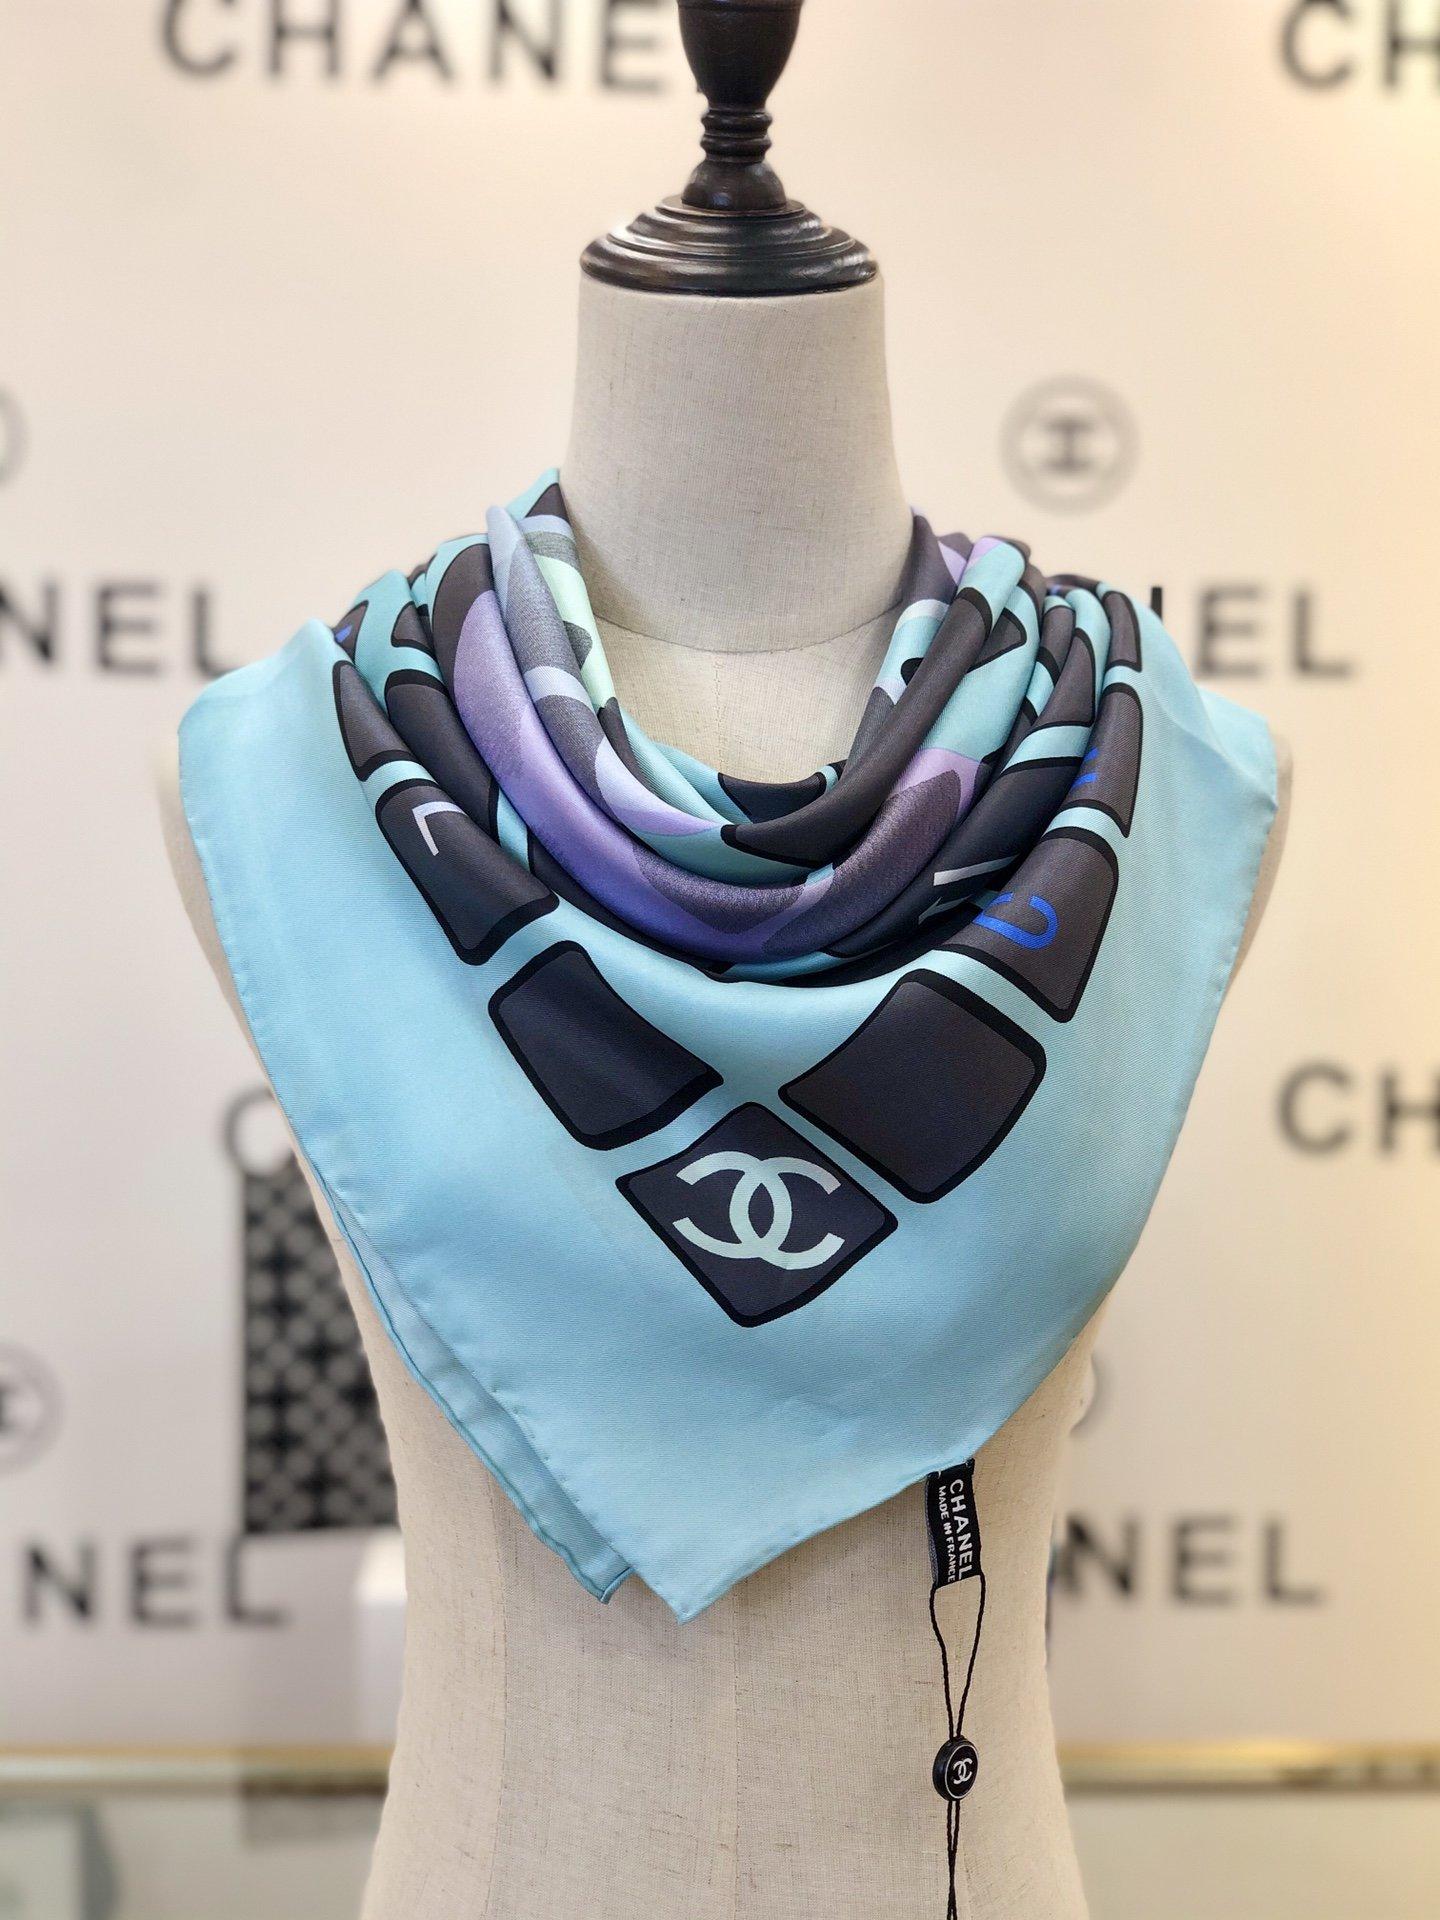 chanel香奈儿海外原单丝巾键盘排列和渐变logo元素(图9)